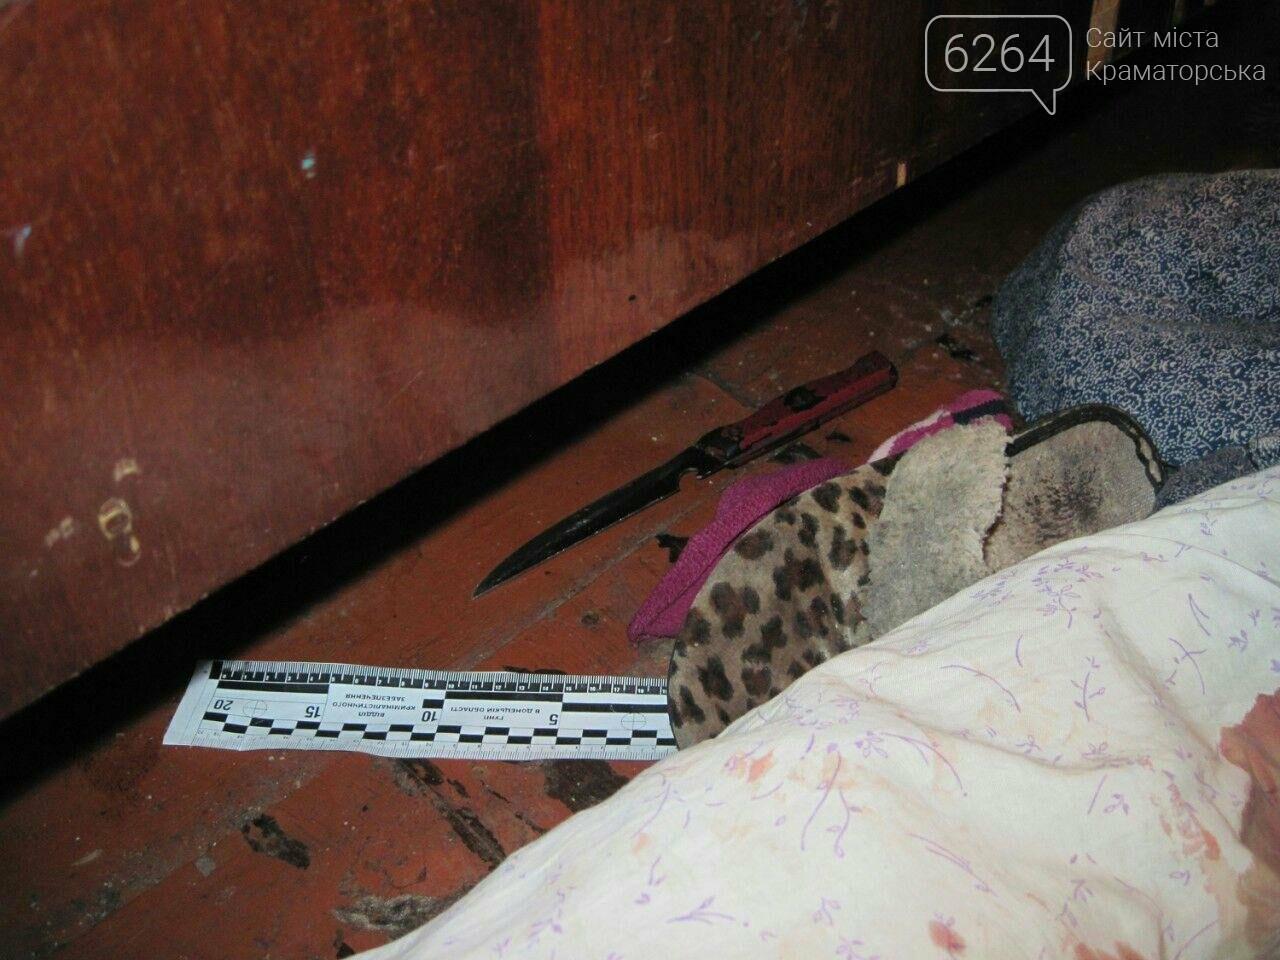 Краматорские полицейские задержали по подозрению в убийстве мужчины его сожительницу, фото-1